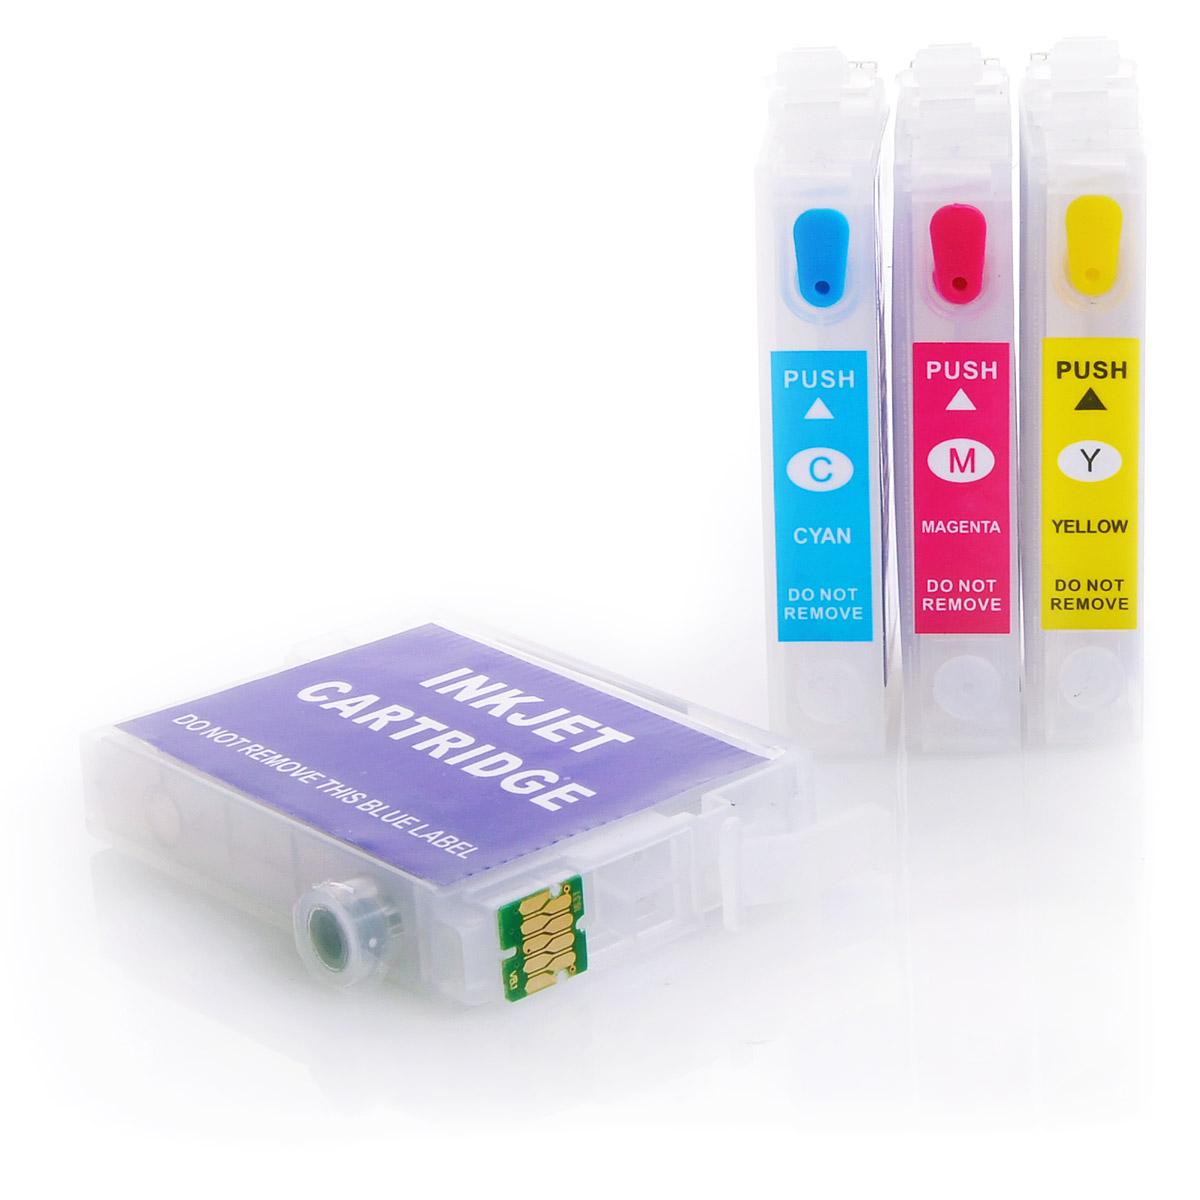 4x Refill Kartuschen für Epson Workforce WF-2010 W | kompatibel